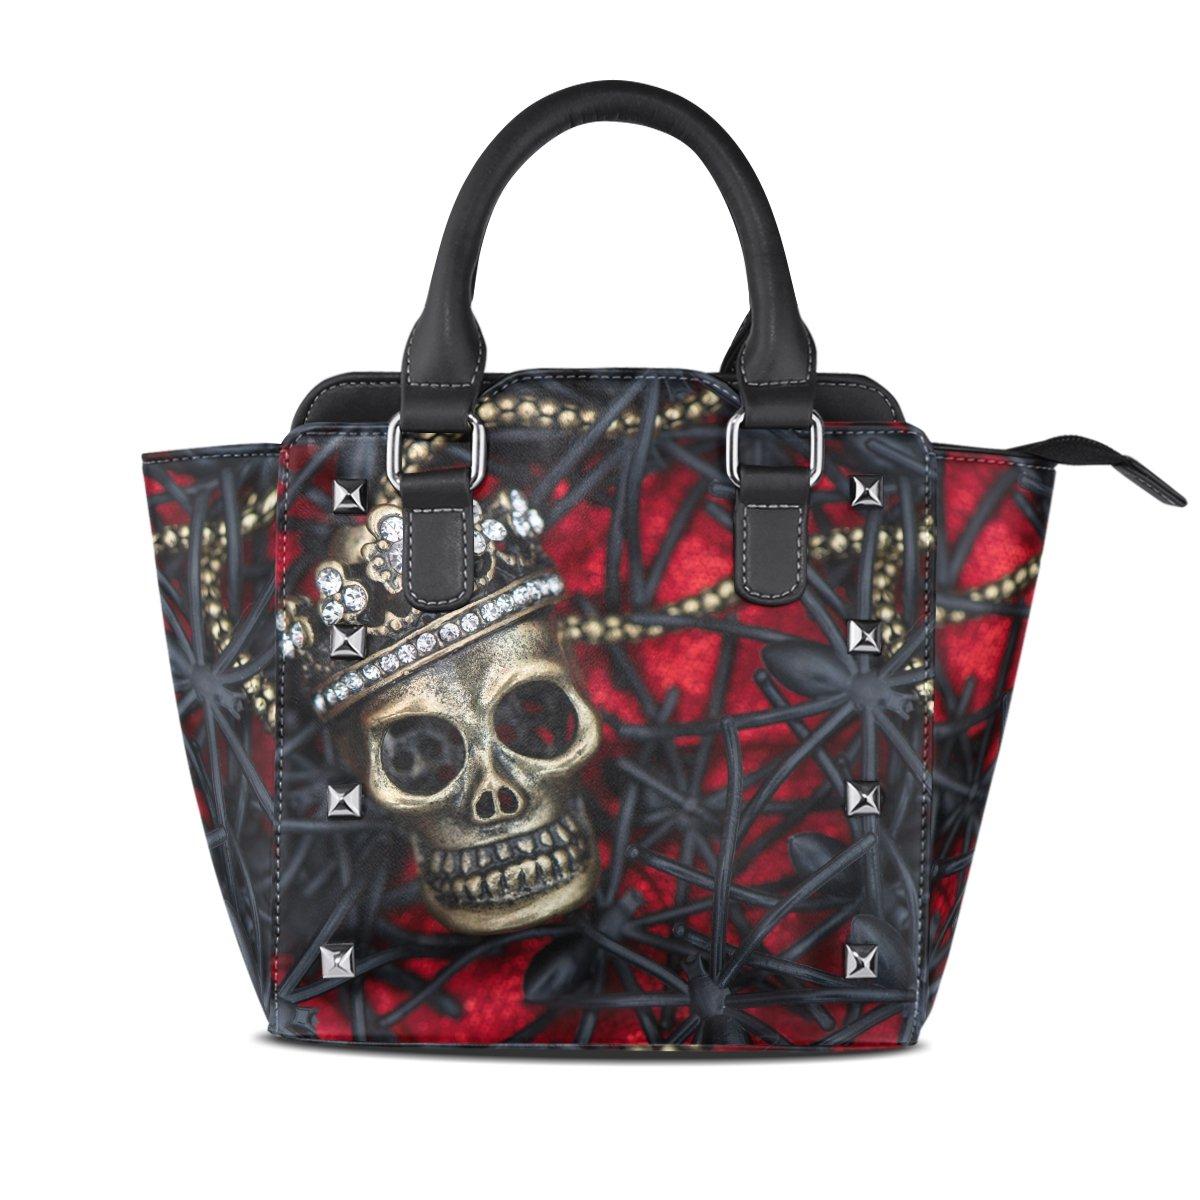 1ee6ce6738 Cool Casual Sugar Skull Hobo Tote Bag Unique Top-Handle Handbags with Strap  Small